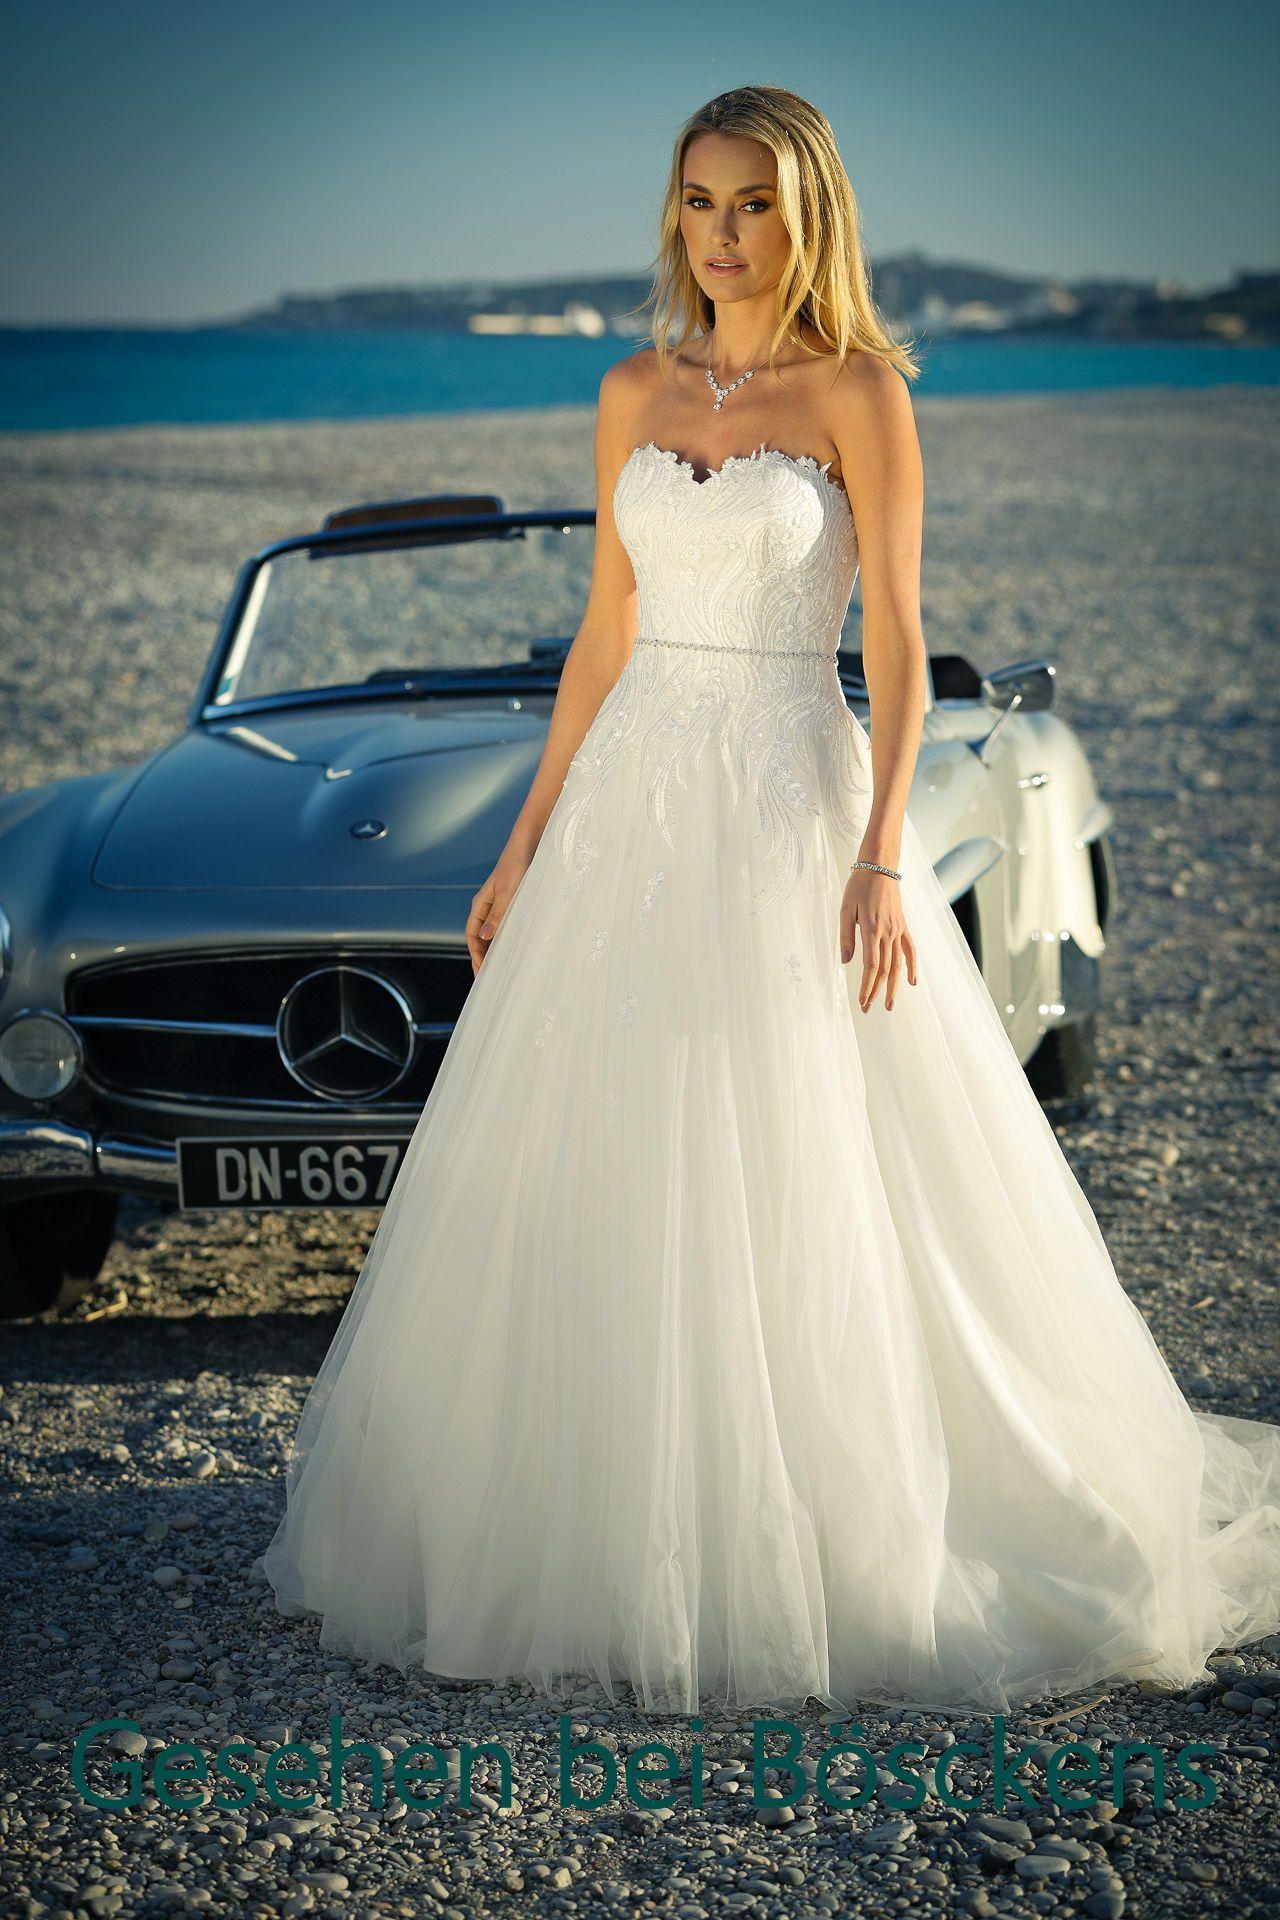 Brautkleider Von Ladybird Sind Wirklich Etwas Ganz Besonderes Ein Super Schones Modell Der Aktuellen Kollek Kleid Hochzeit Brautkleid Kurvige Hochzeitskleider